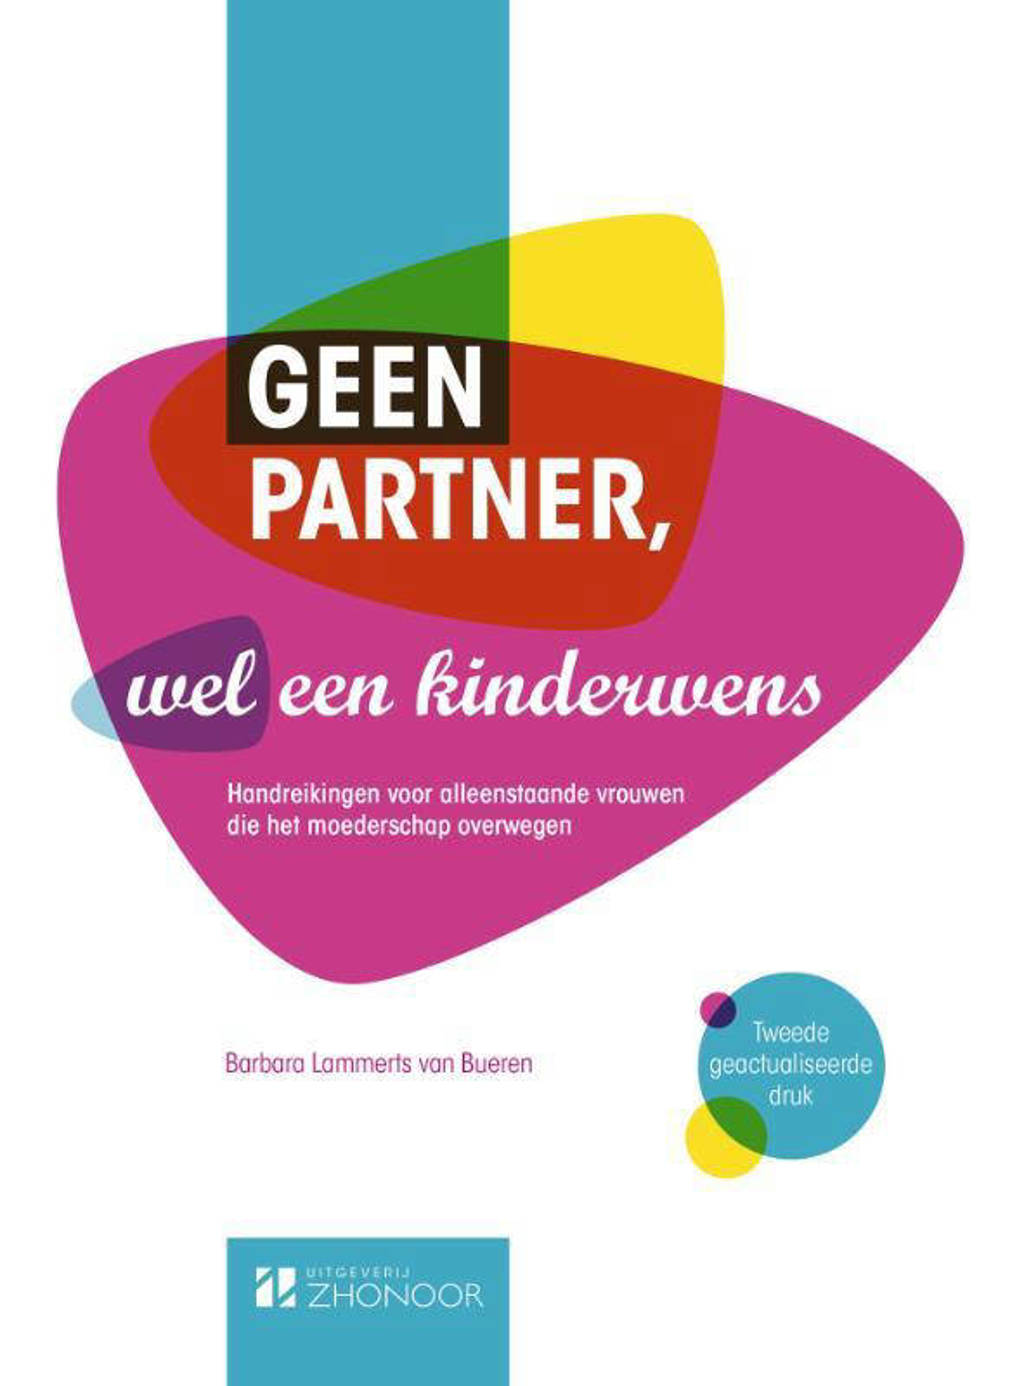 Geen partner, wel een kinderwens - Barbara Lammerts van Bueren